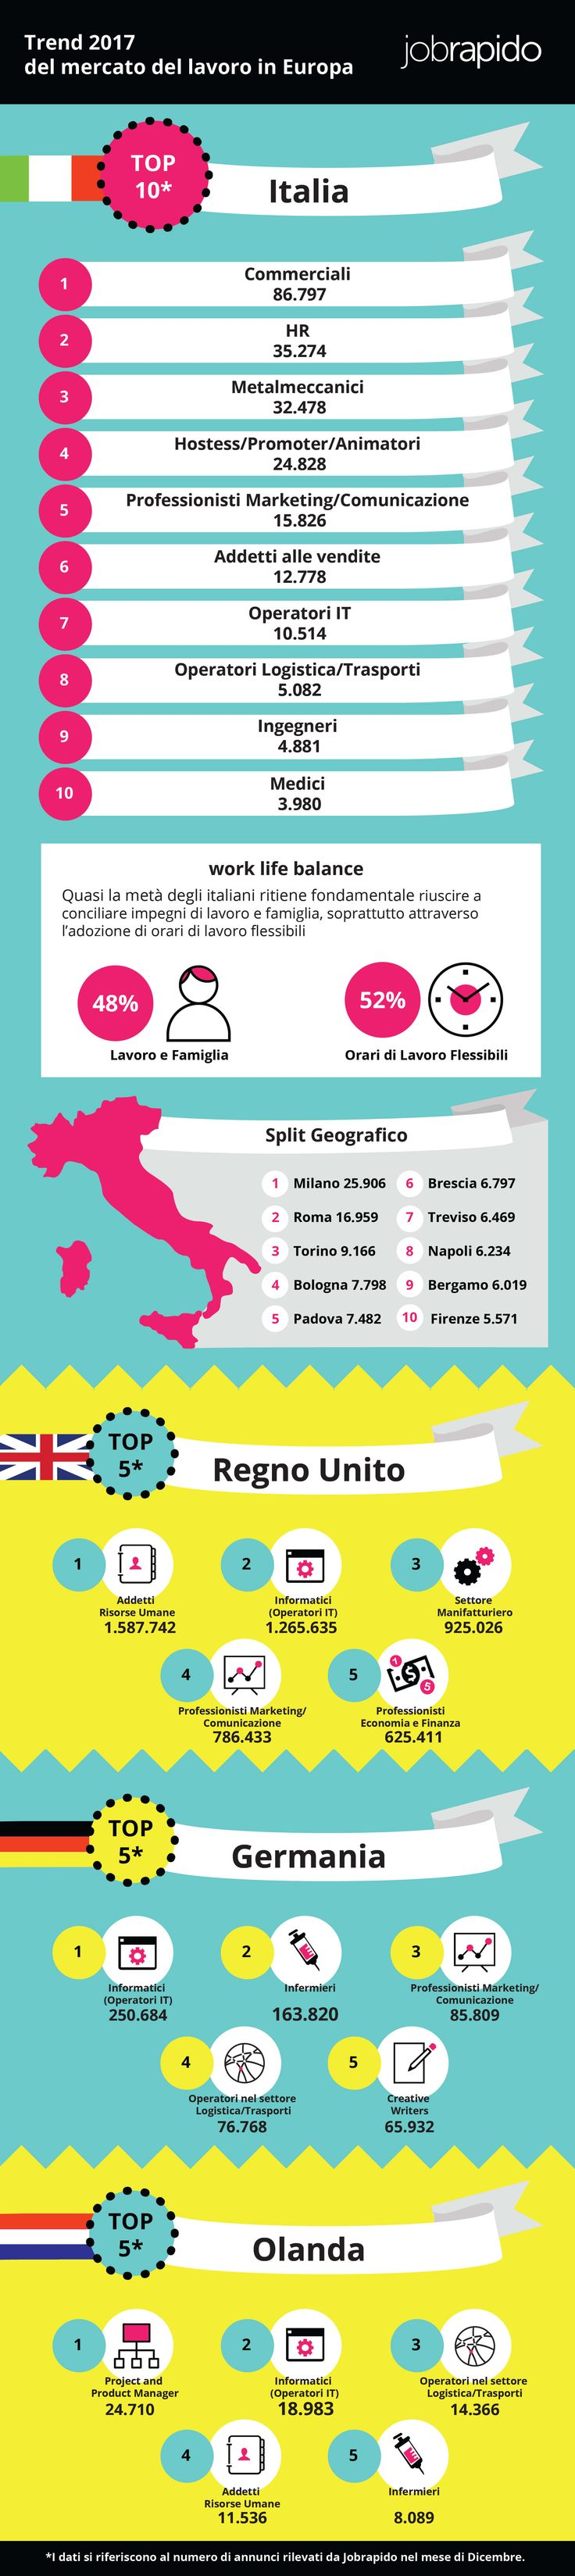 Trend 2017 del Mercato del lavoro in Italia - I Profili più Richiesti